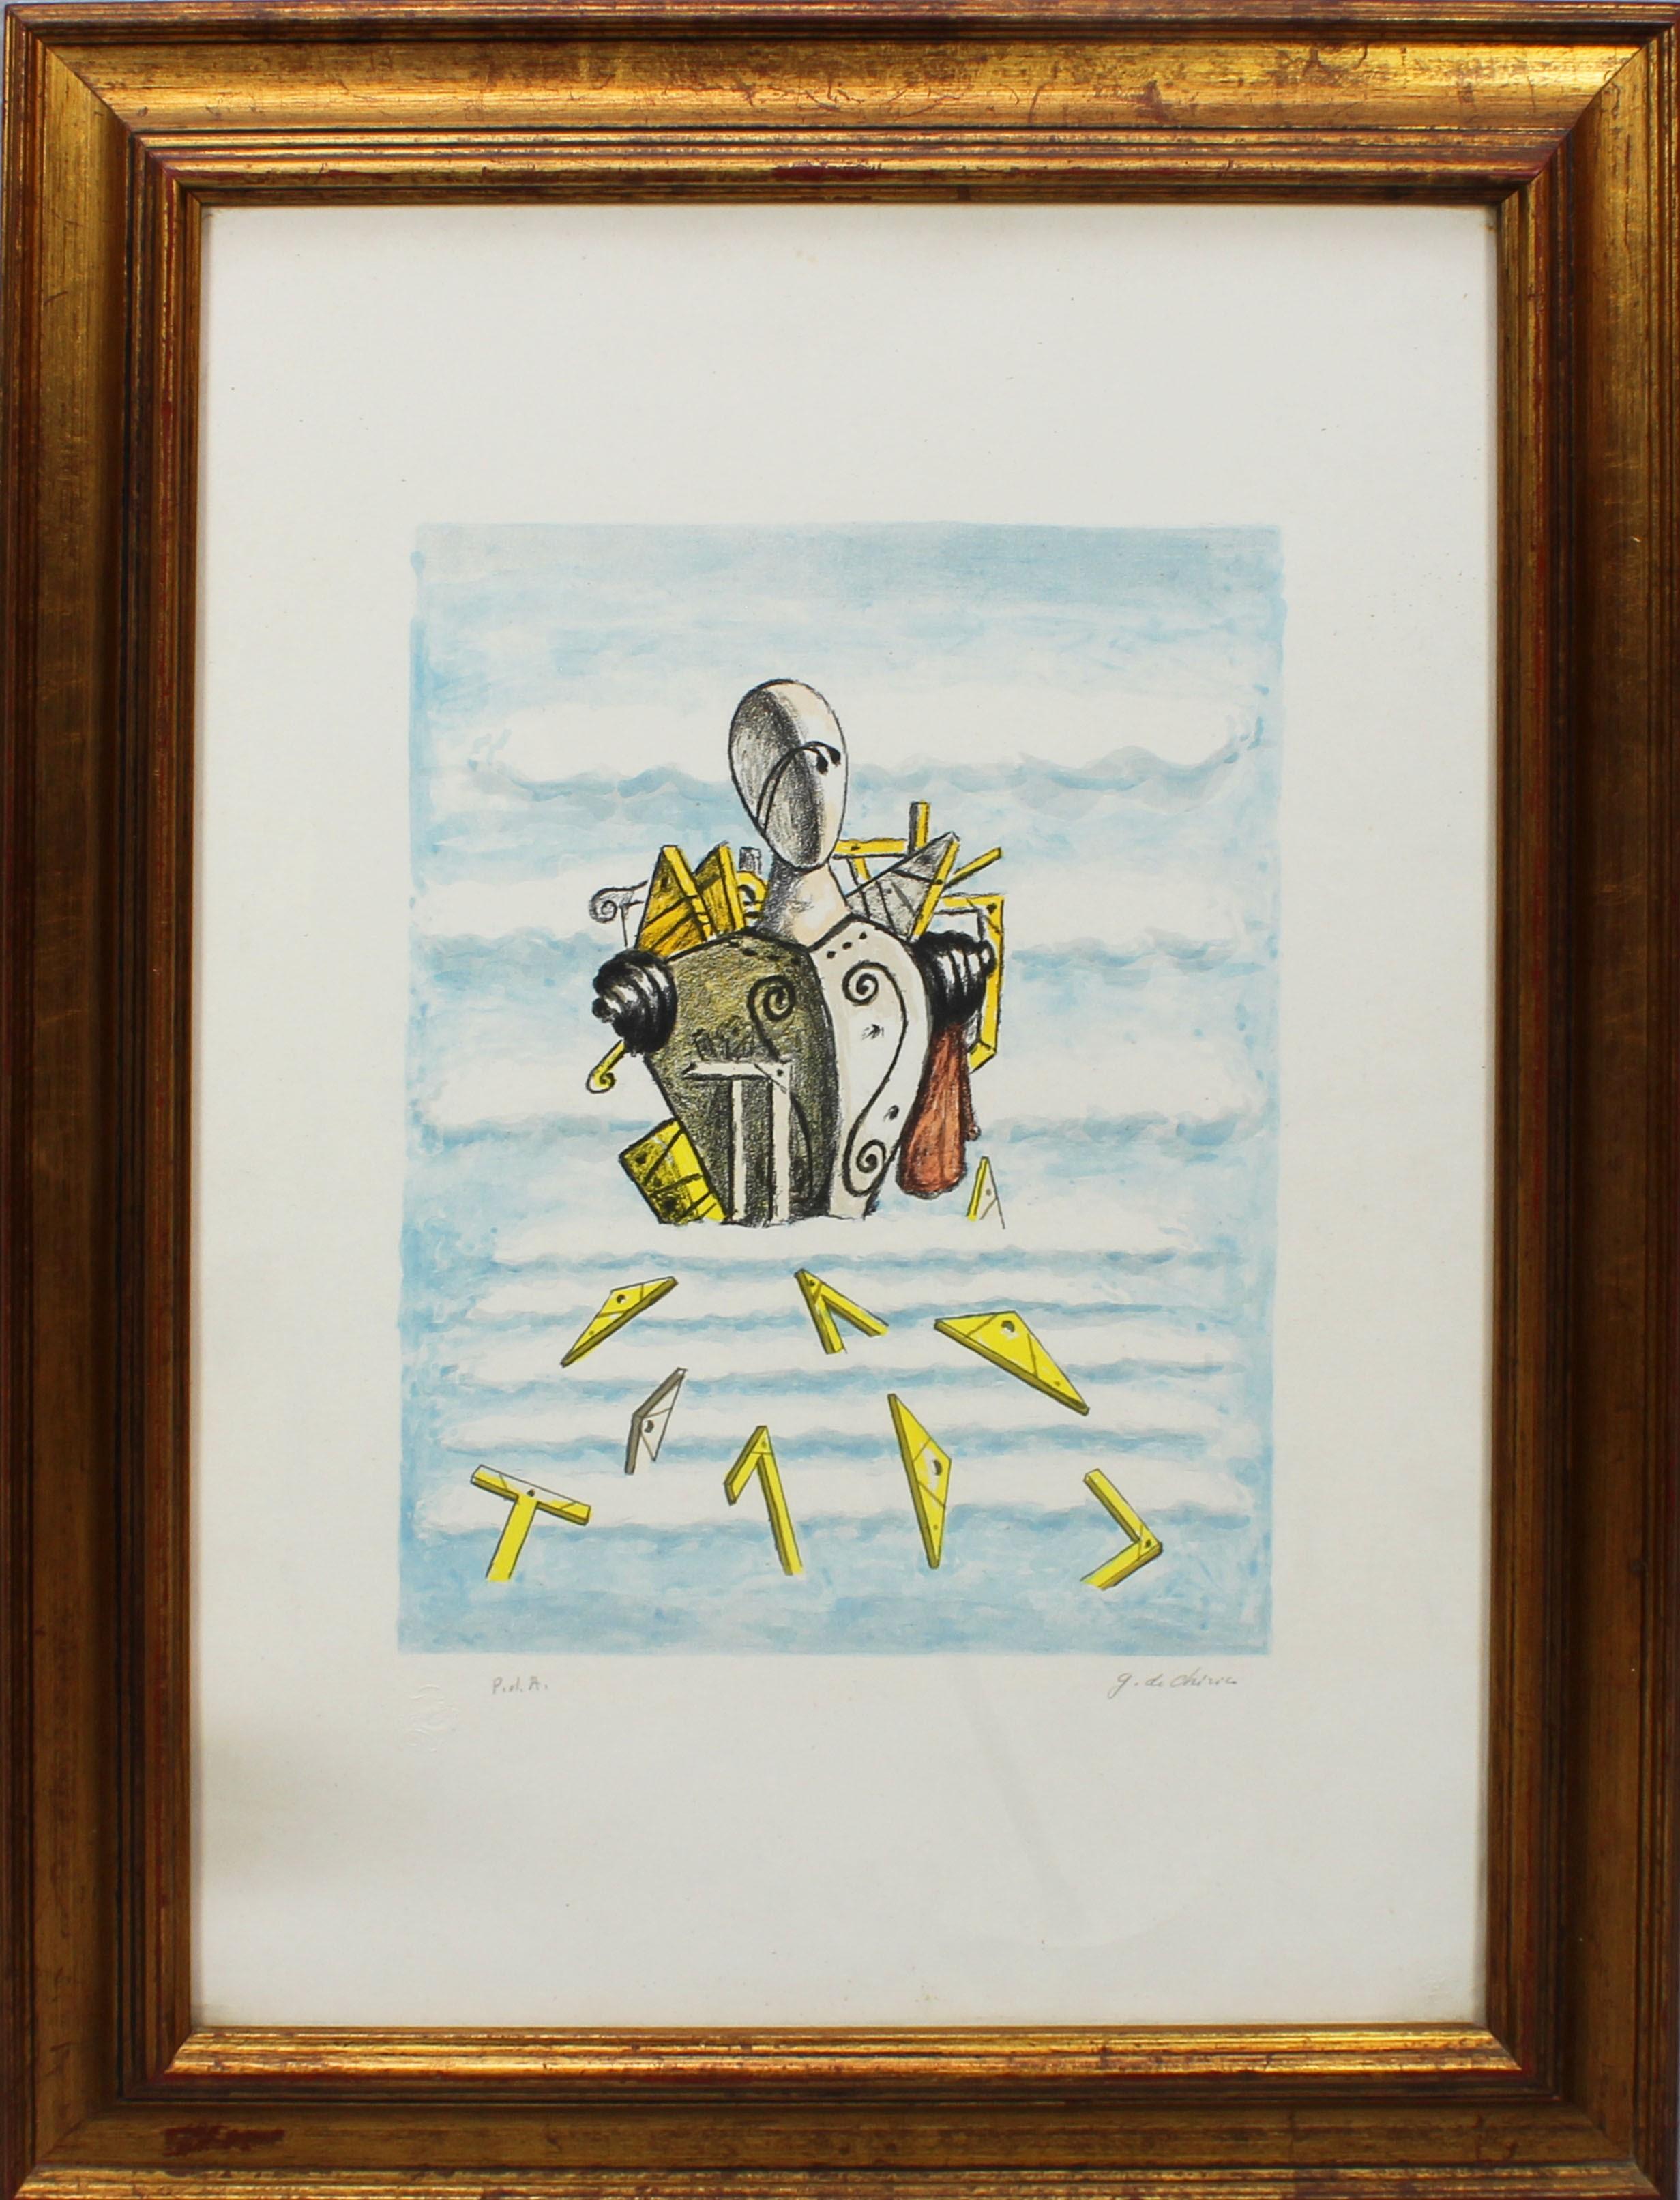 Lot 15 - Il trovatore, grafica firmata G. de Chirico, P.d.A., cm. 50x70